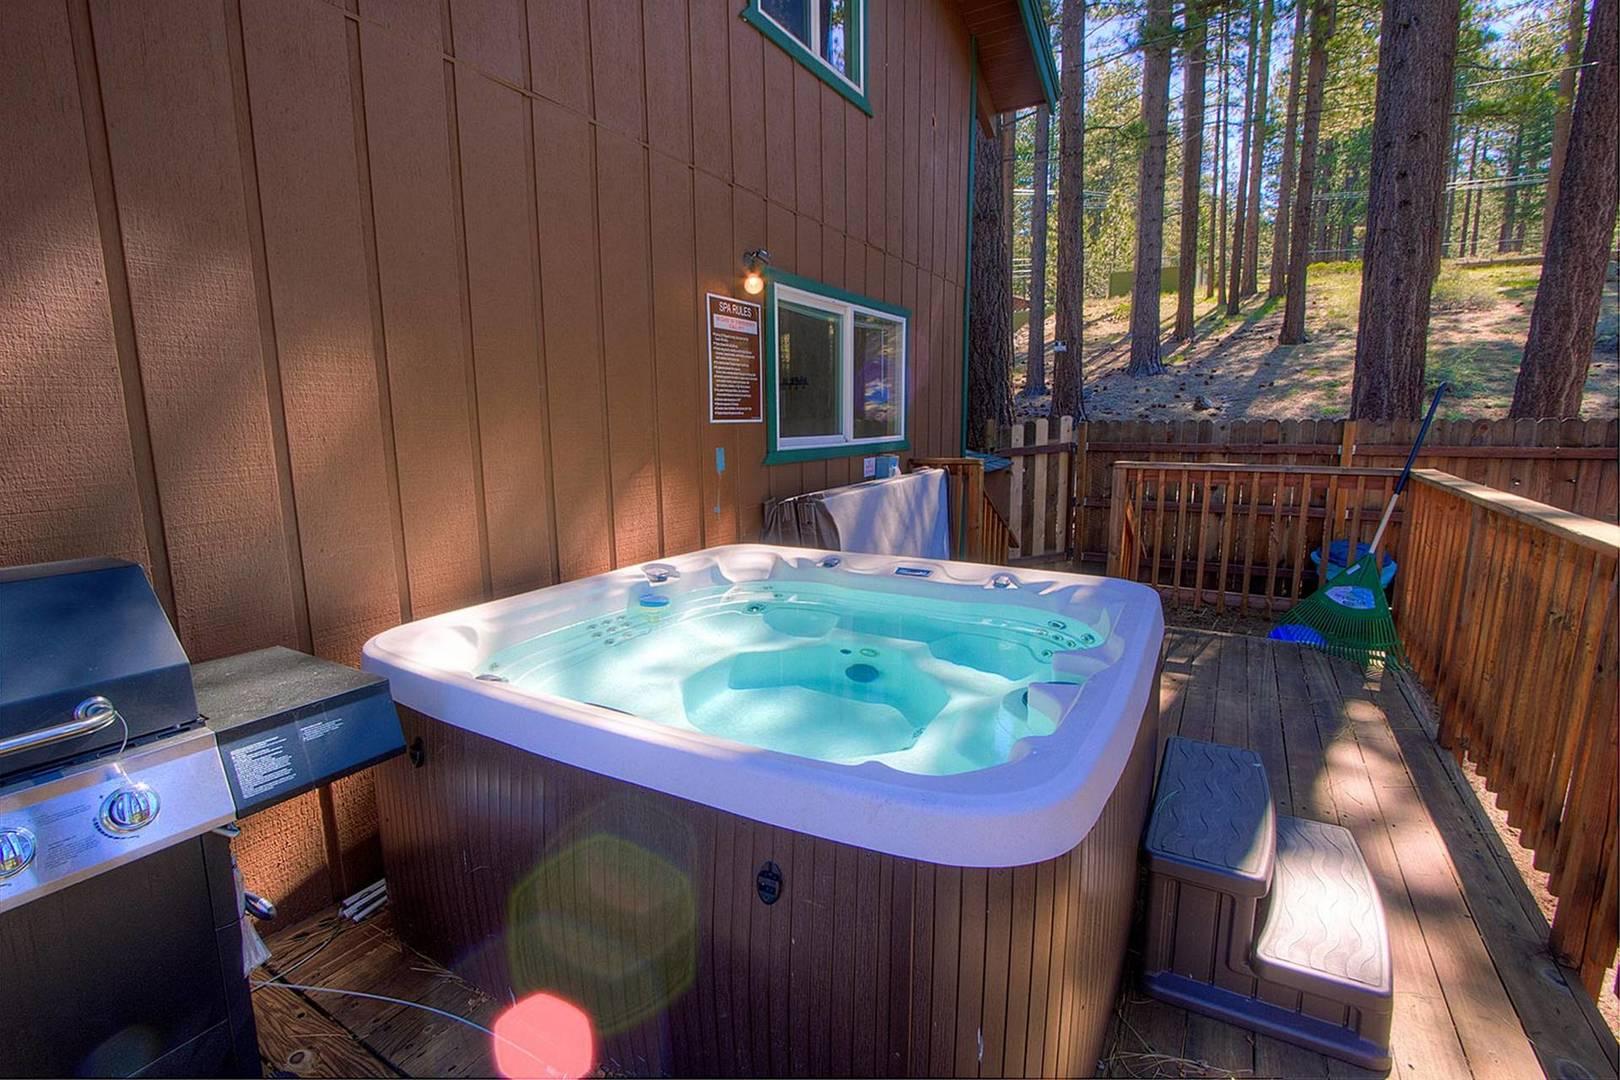 hch0900 hot tub